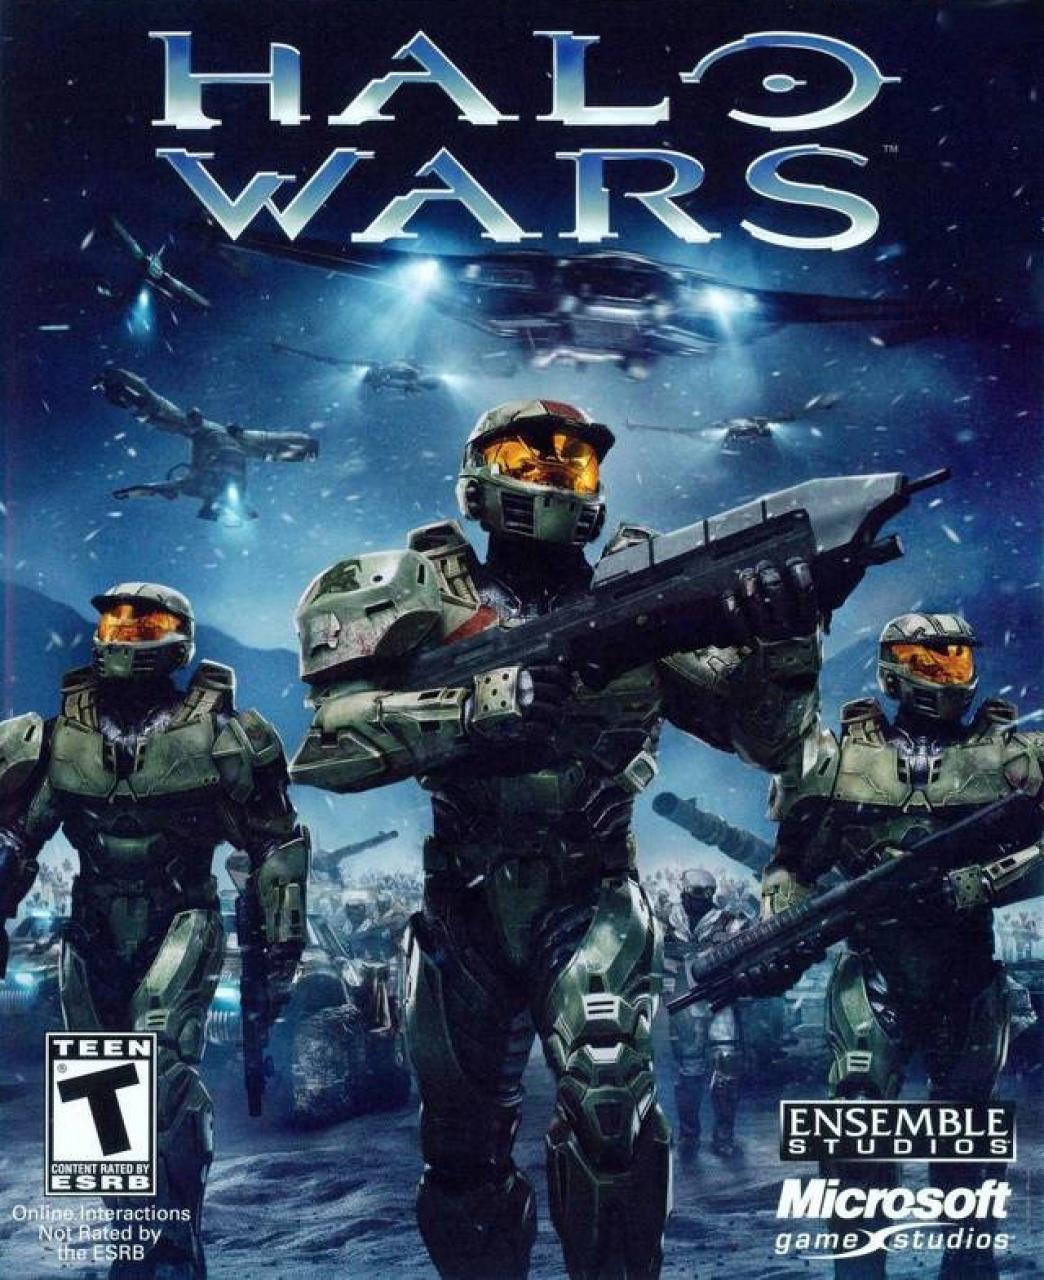 دانلود زیرنویس فارسی فیلم Halo Wars